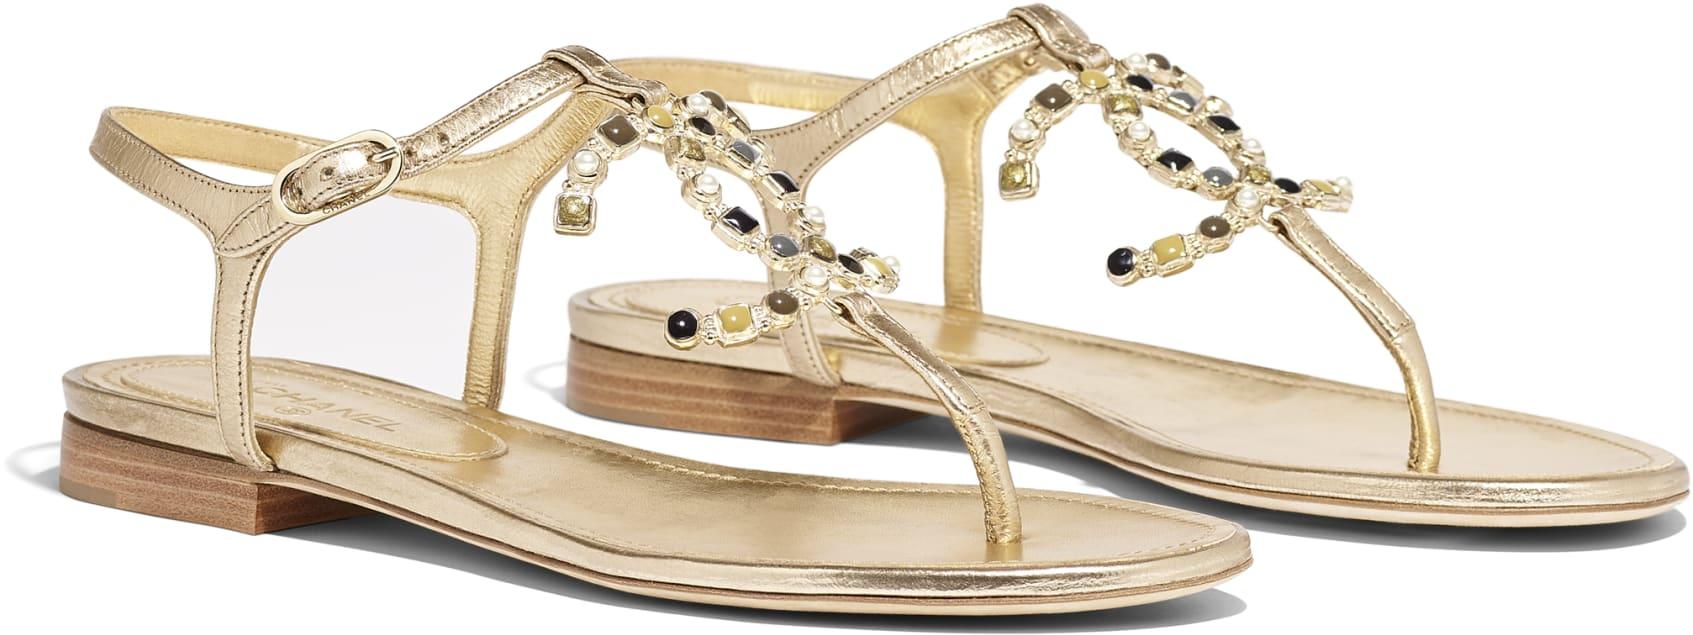 Sandali gioiello bassi Chanel